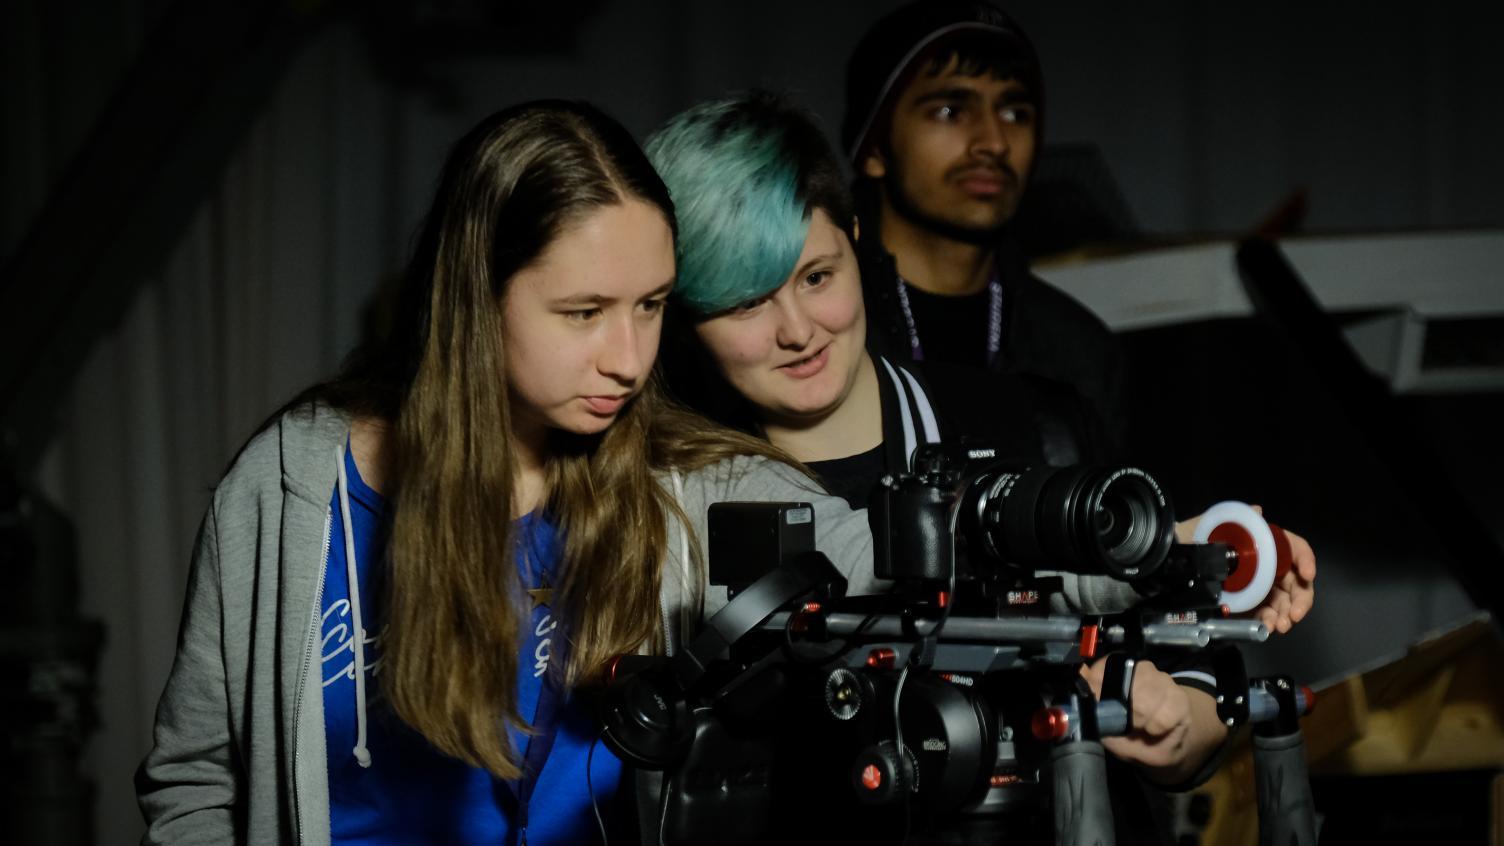 bfi-film-academy-bradford-two-behind-camera